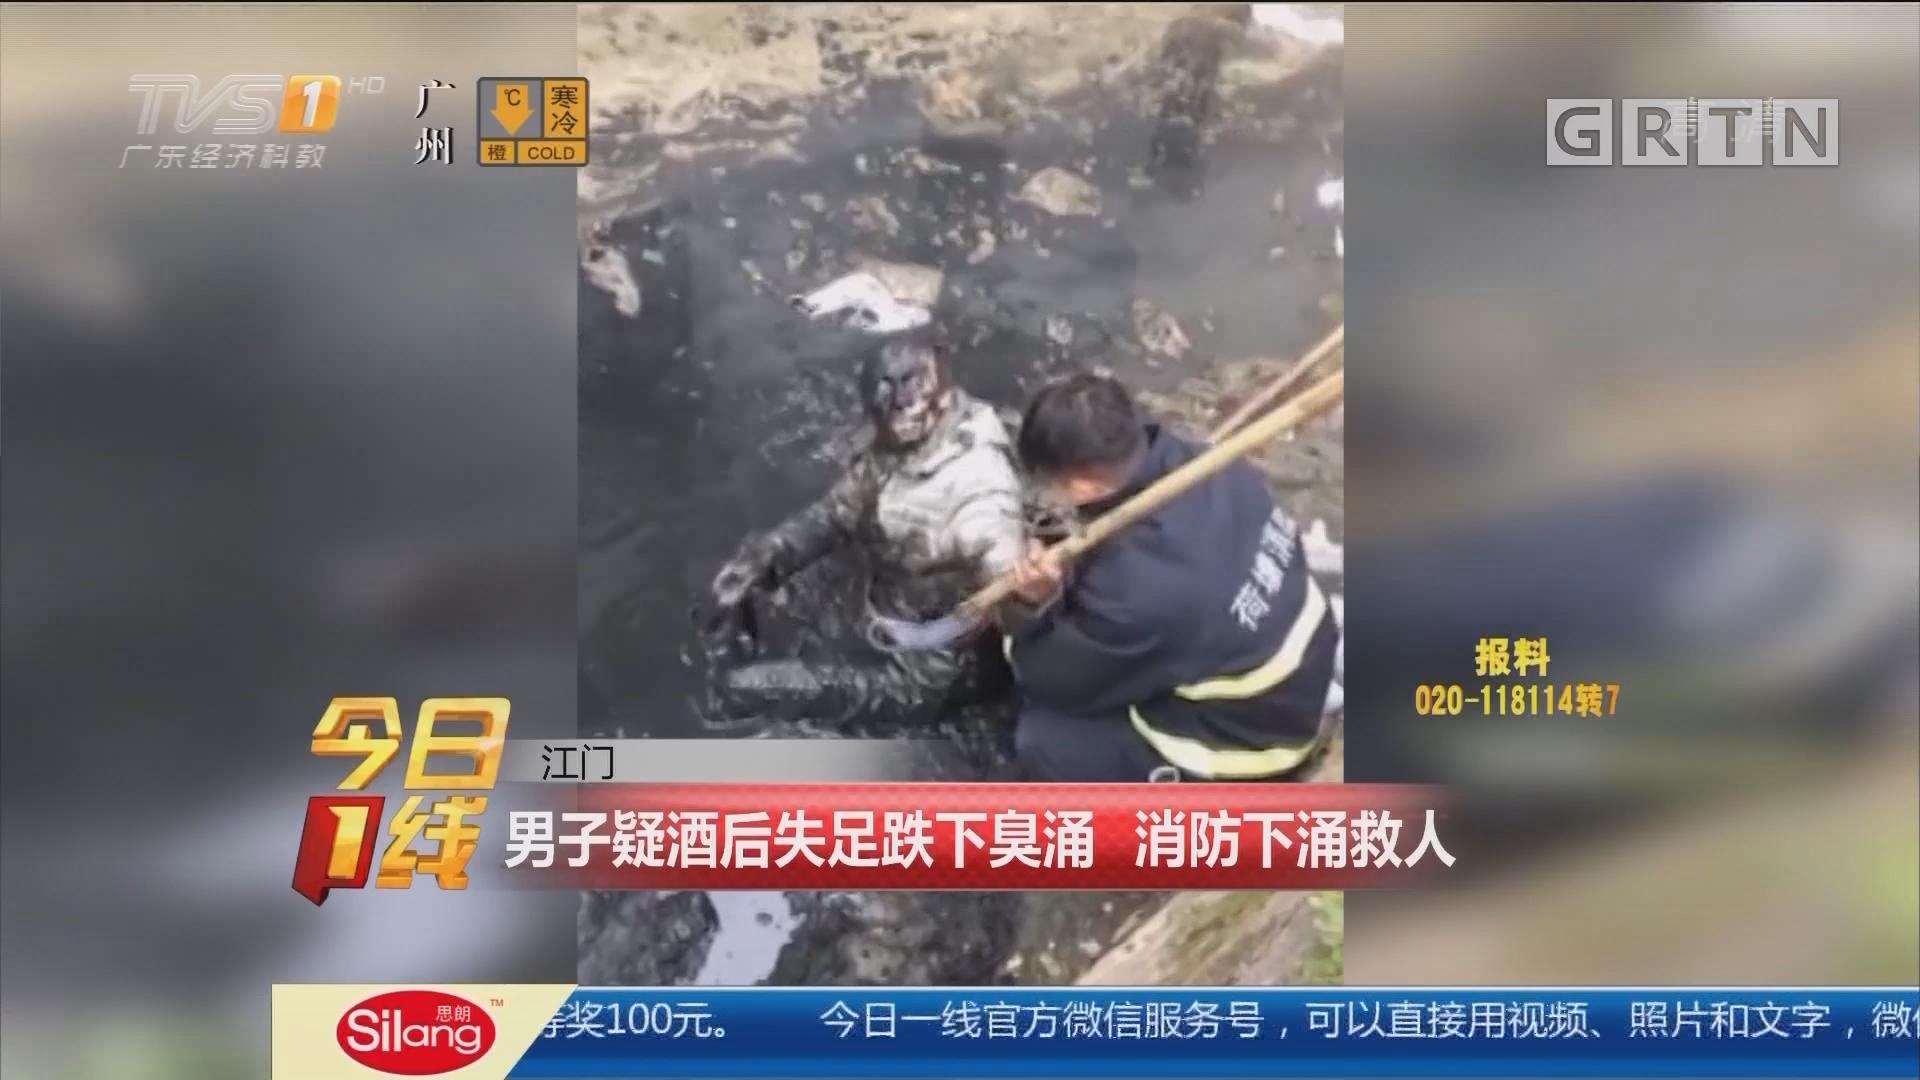 江门:男子疑酒后失足跌下臭涌 消防下涌救人